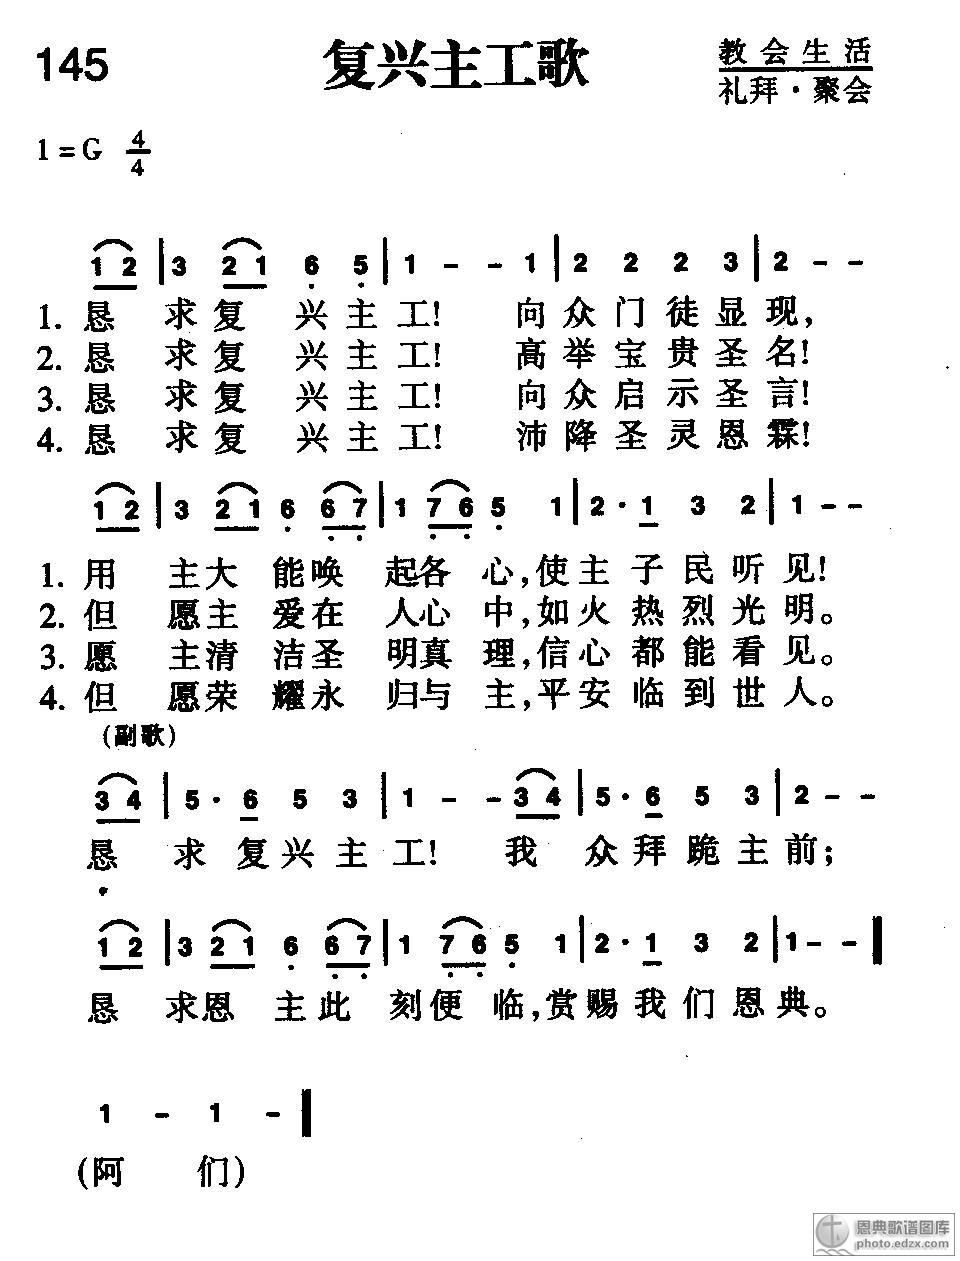 145首 复兴主工歌 - 赞美诗歌谱